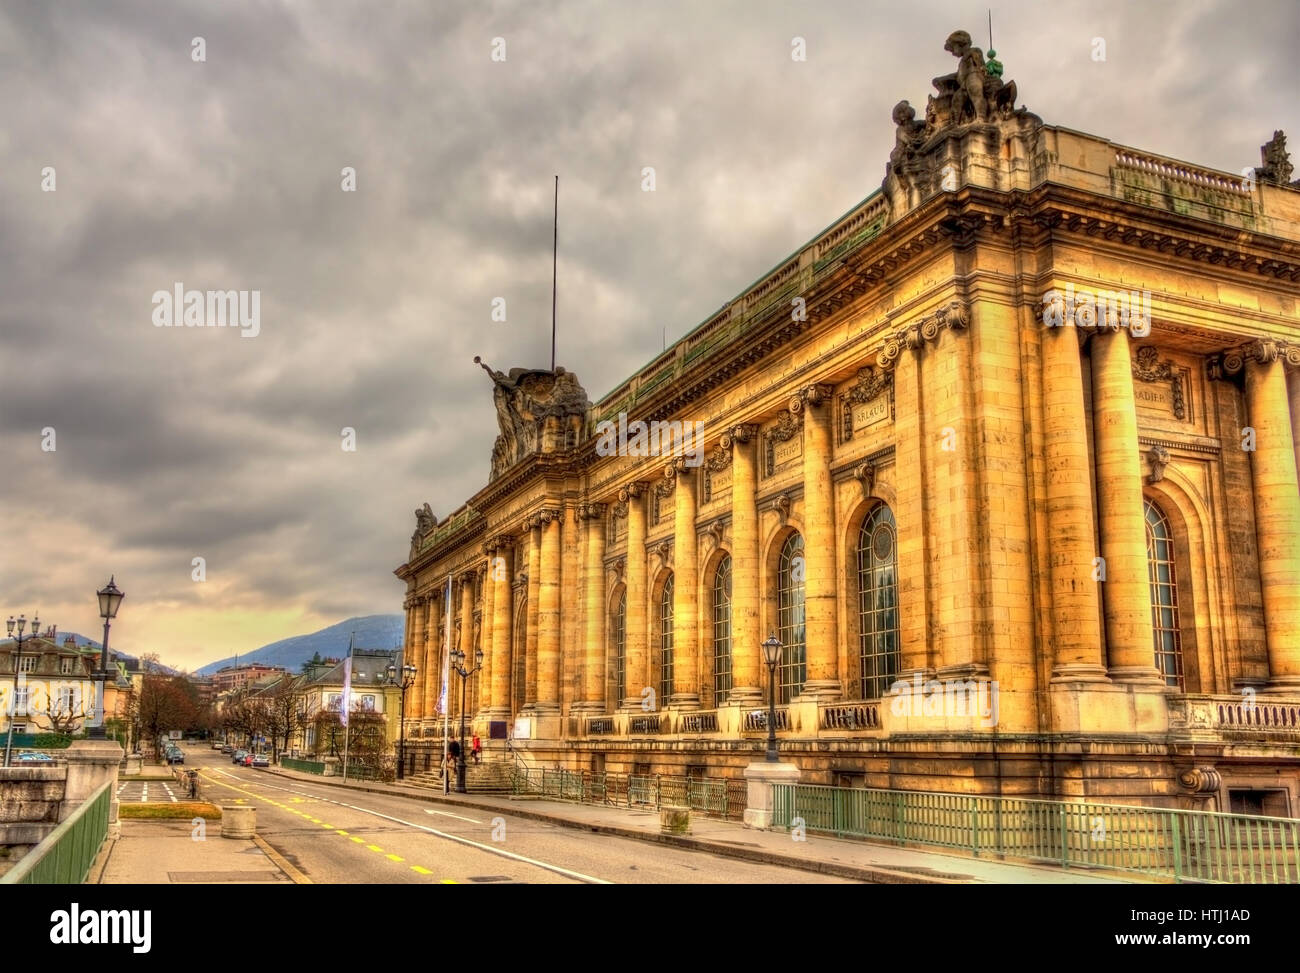 Musee d'Art et d'Histoire de Ginebra, Suiza. Foto de stock